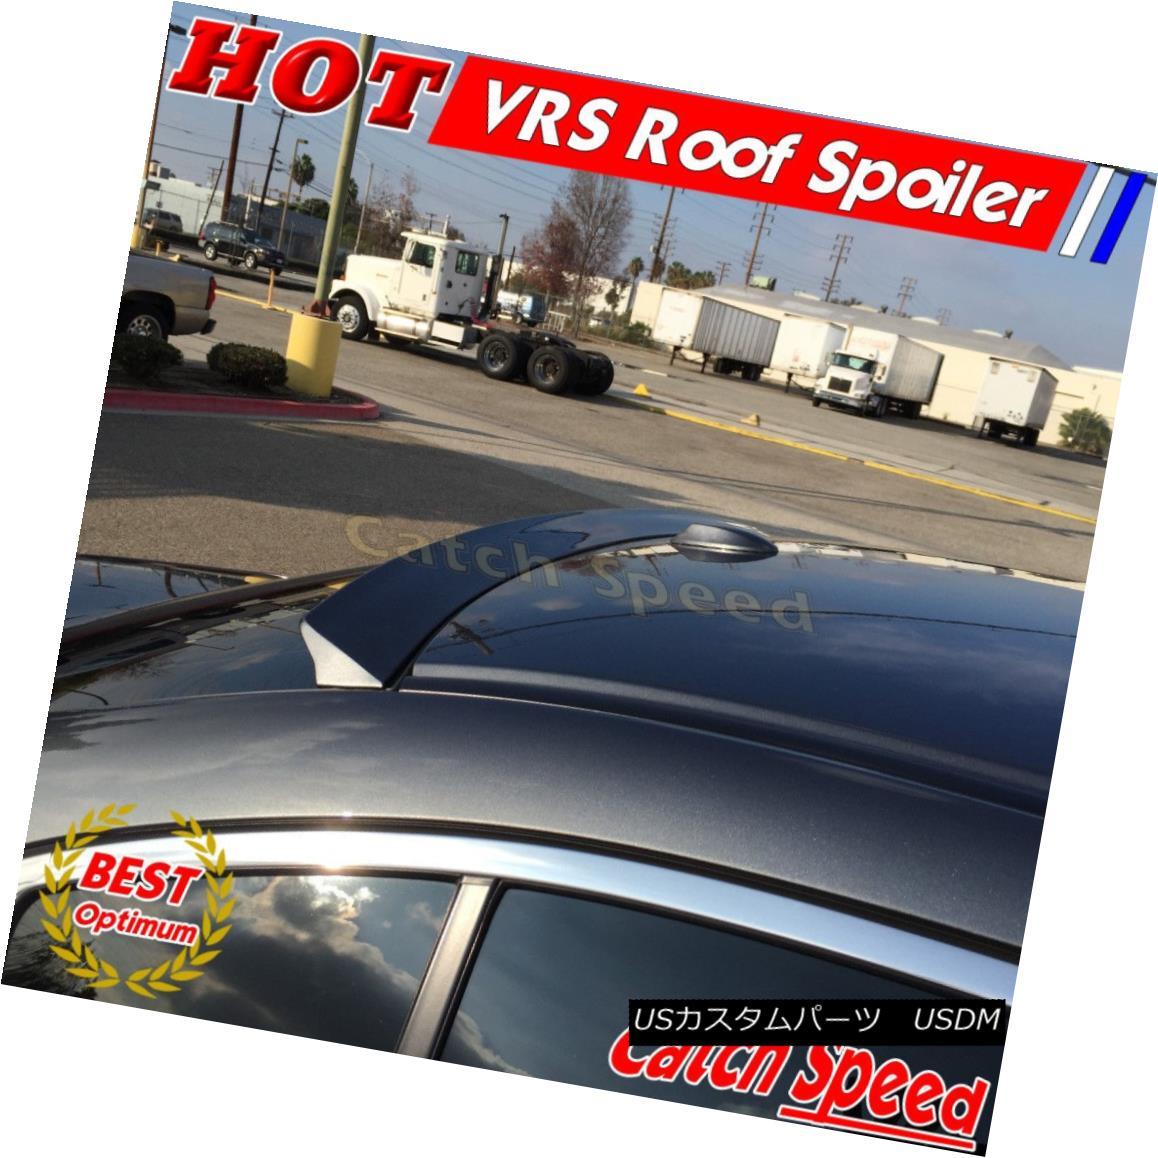 エアロパーツ Painted VRS Style Rear Roof Spoiler Wing For Chevrolet Volt 2011-2015 Sedan シボレーボルト2011-2015セダン用VRSスタイルのリアルーフスポイラーウイングを塗装